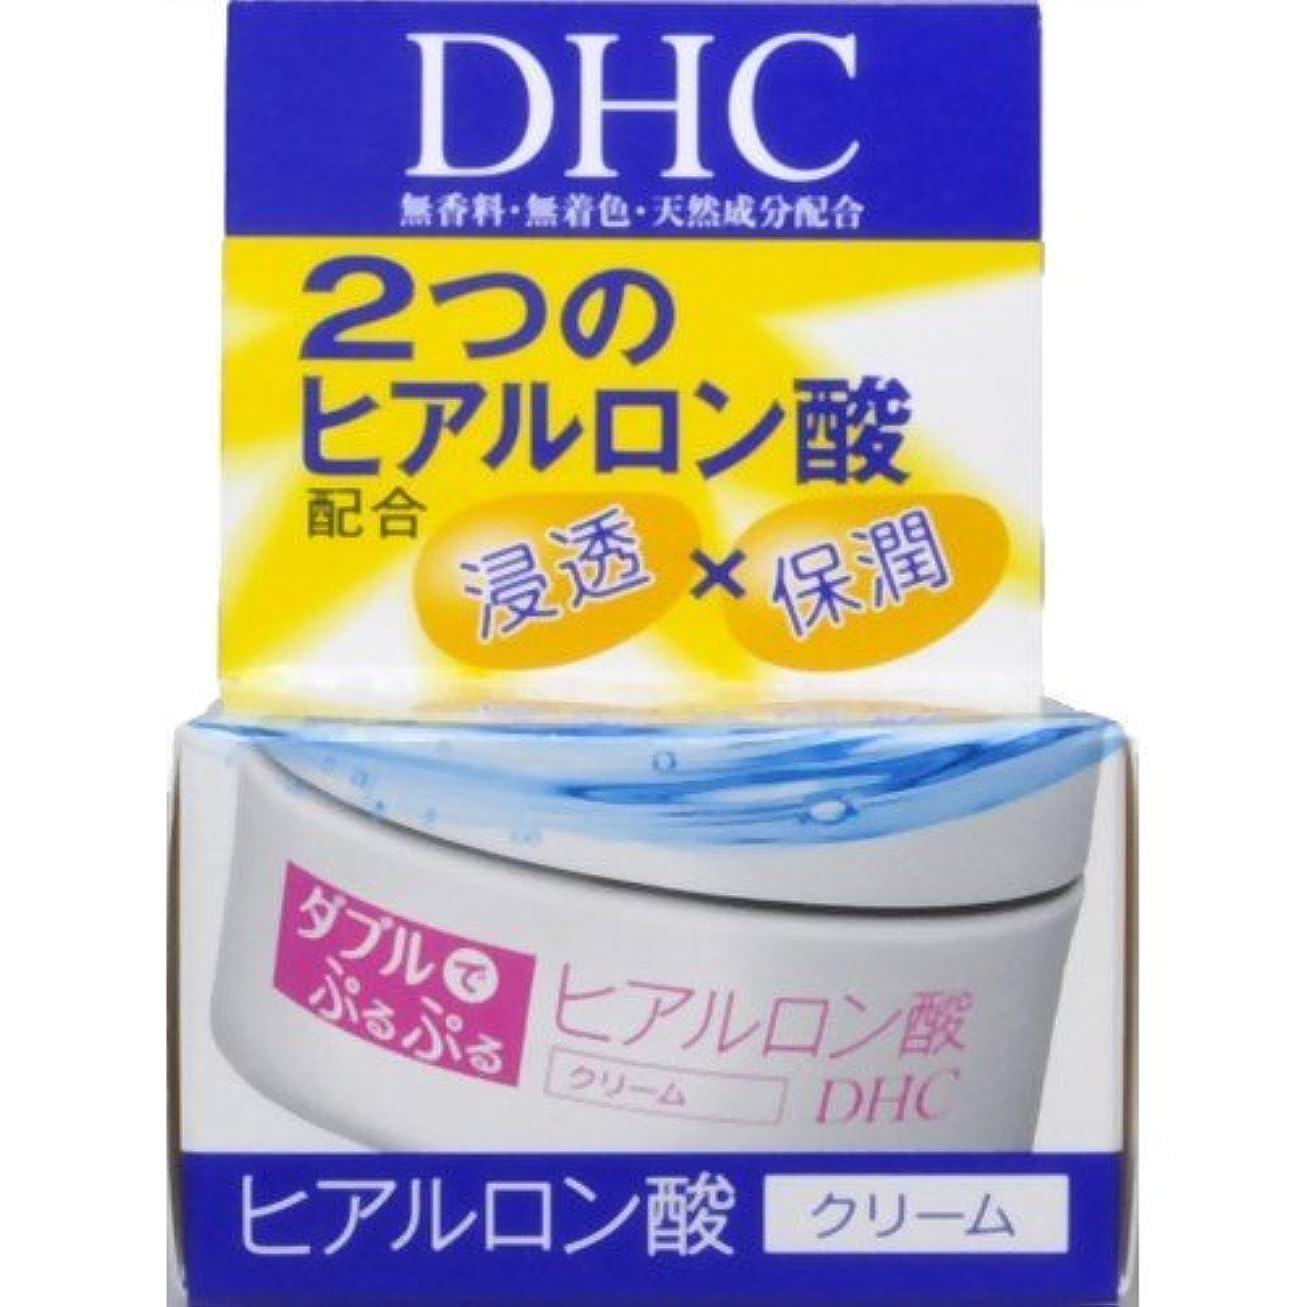 スツールバインド役割DHC ダブルモイスチュアクリーム 50g